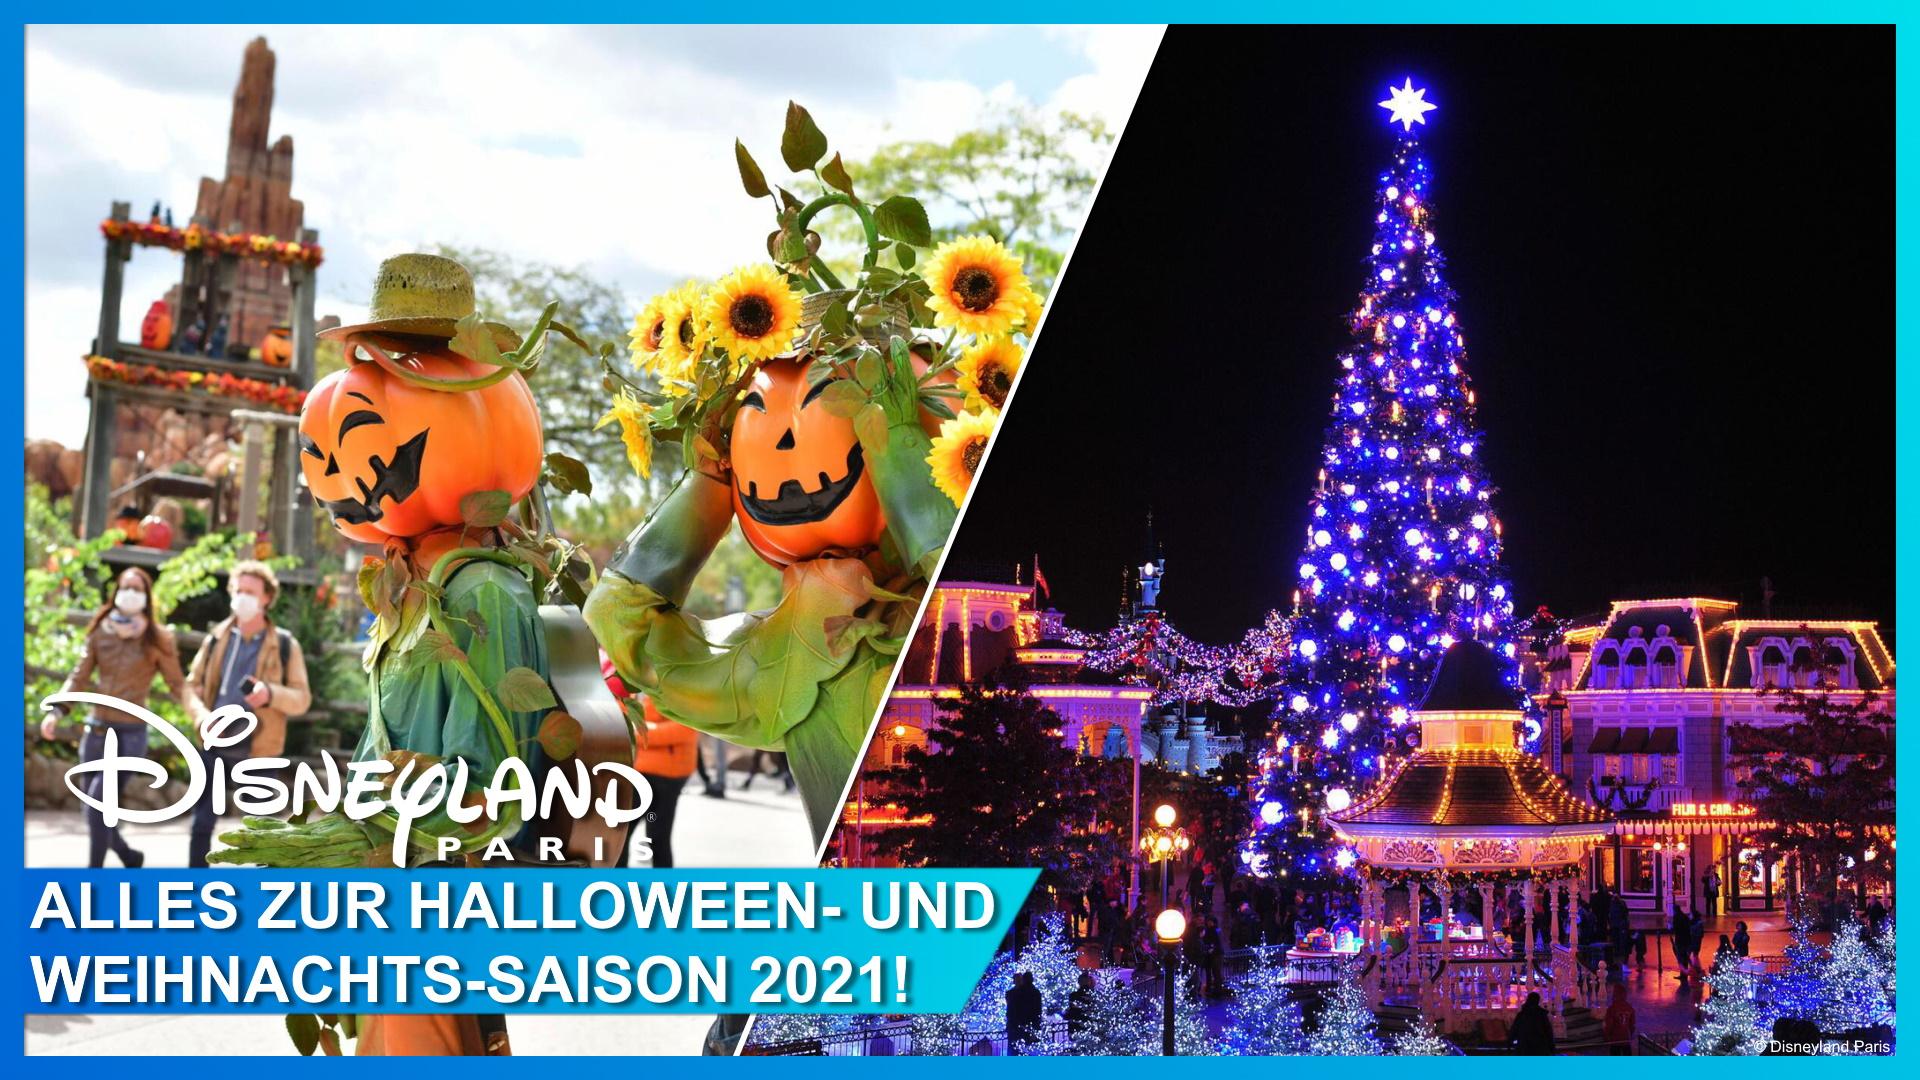 Halloween, Weihnachten und Silvester 2021 in Disneyland Paris